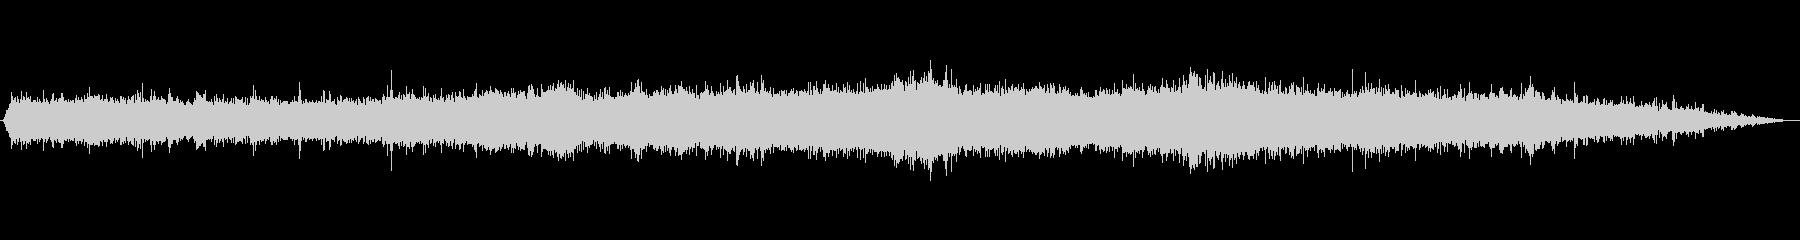 早朝の街(鳥の鳴き声と車)02の未再生の波形